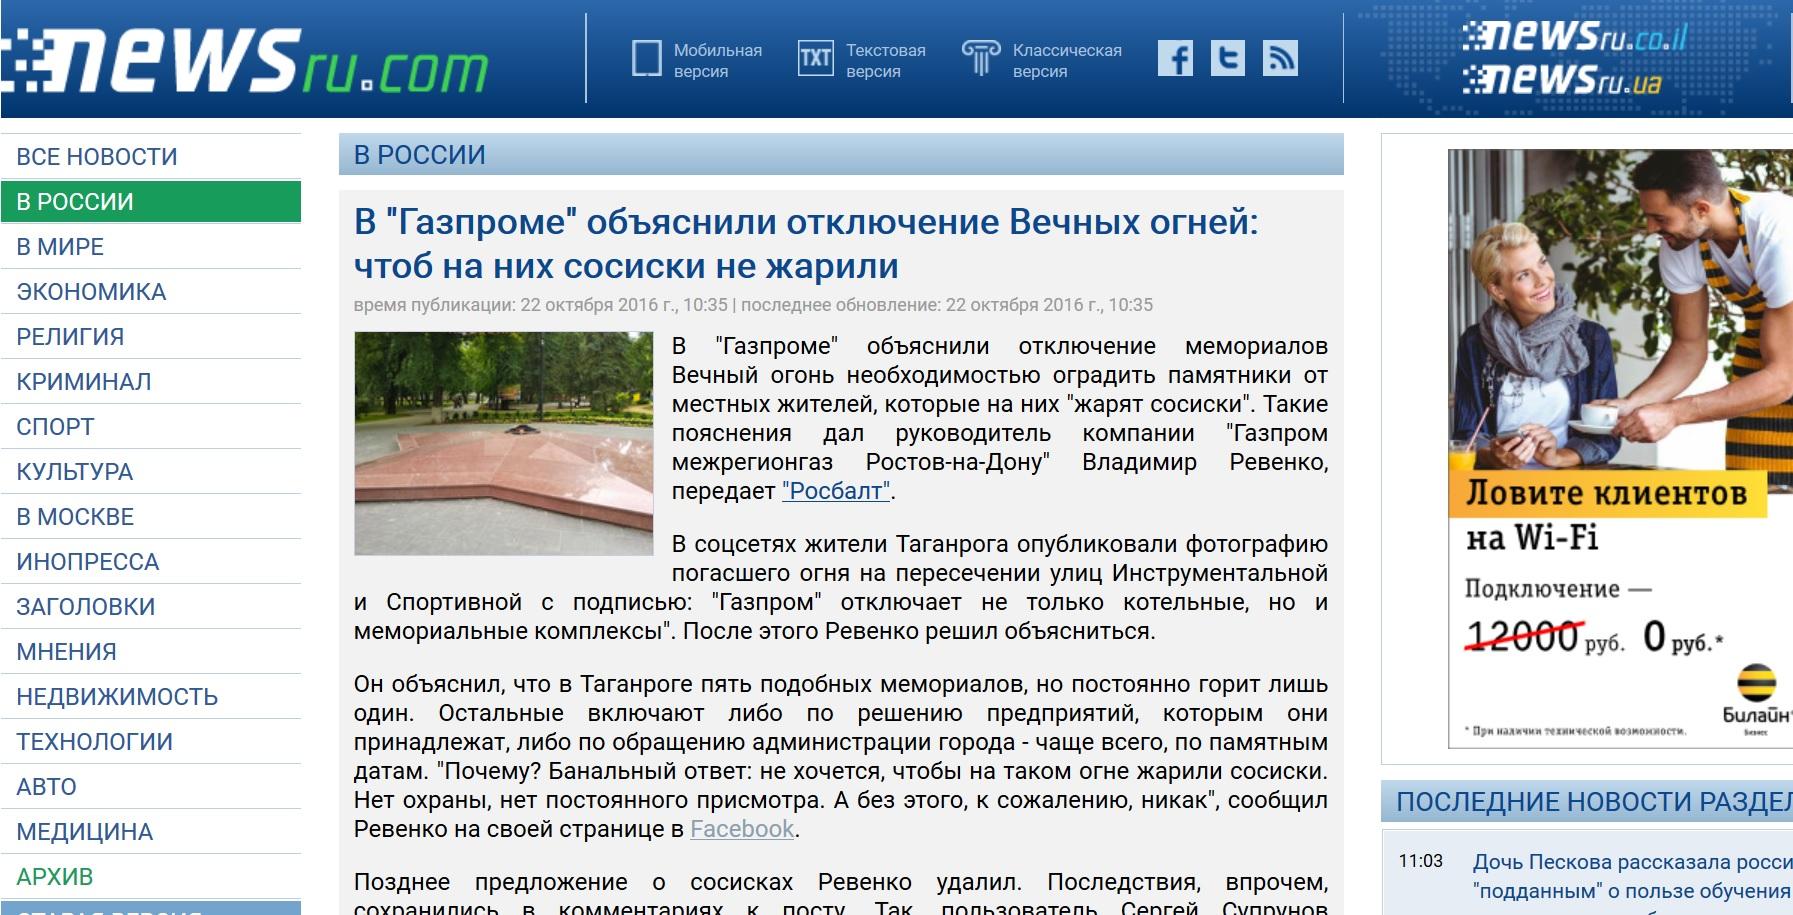 Пограничники с применением оружия задержали контрабандистов на Волыни - Цензор.НЕТ 7245